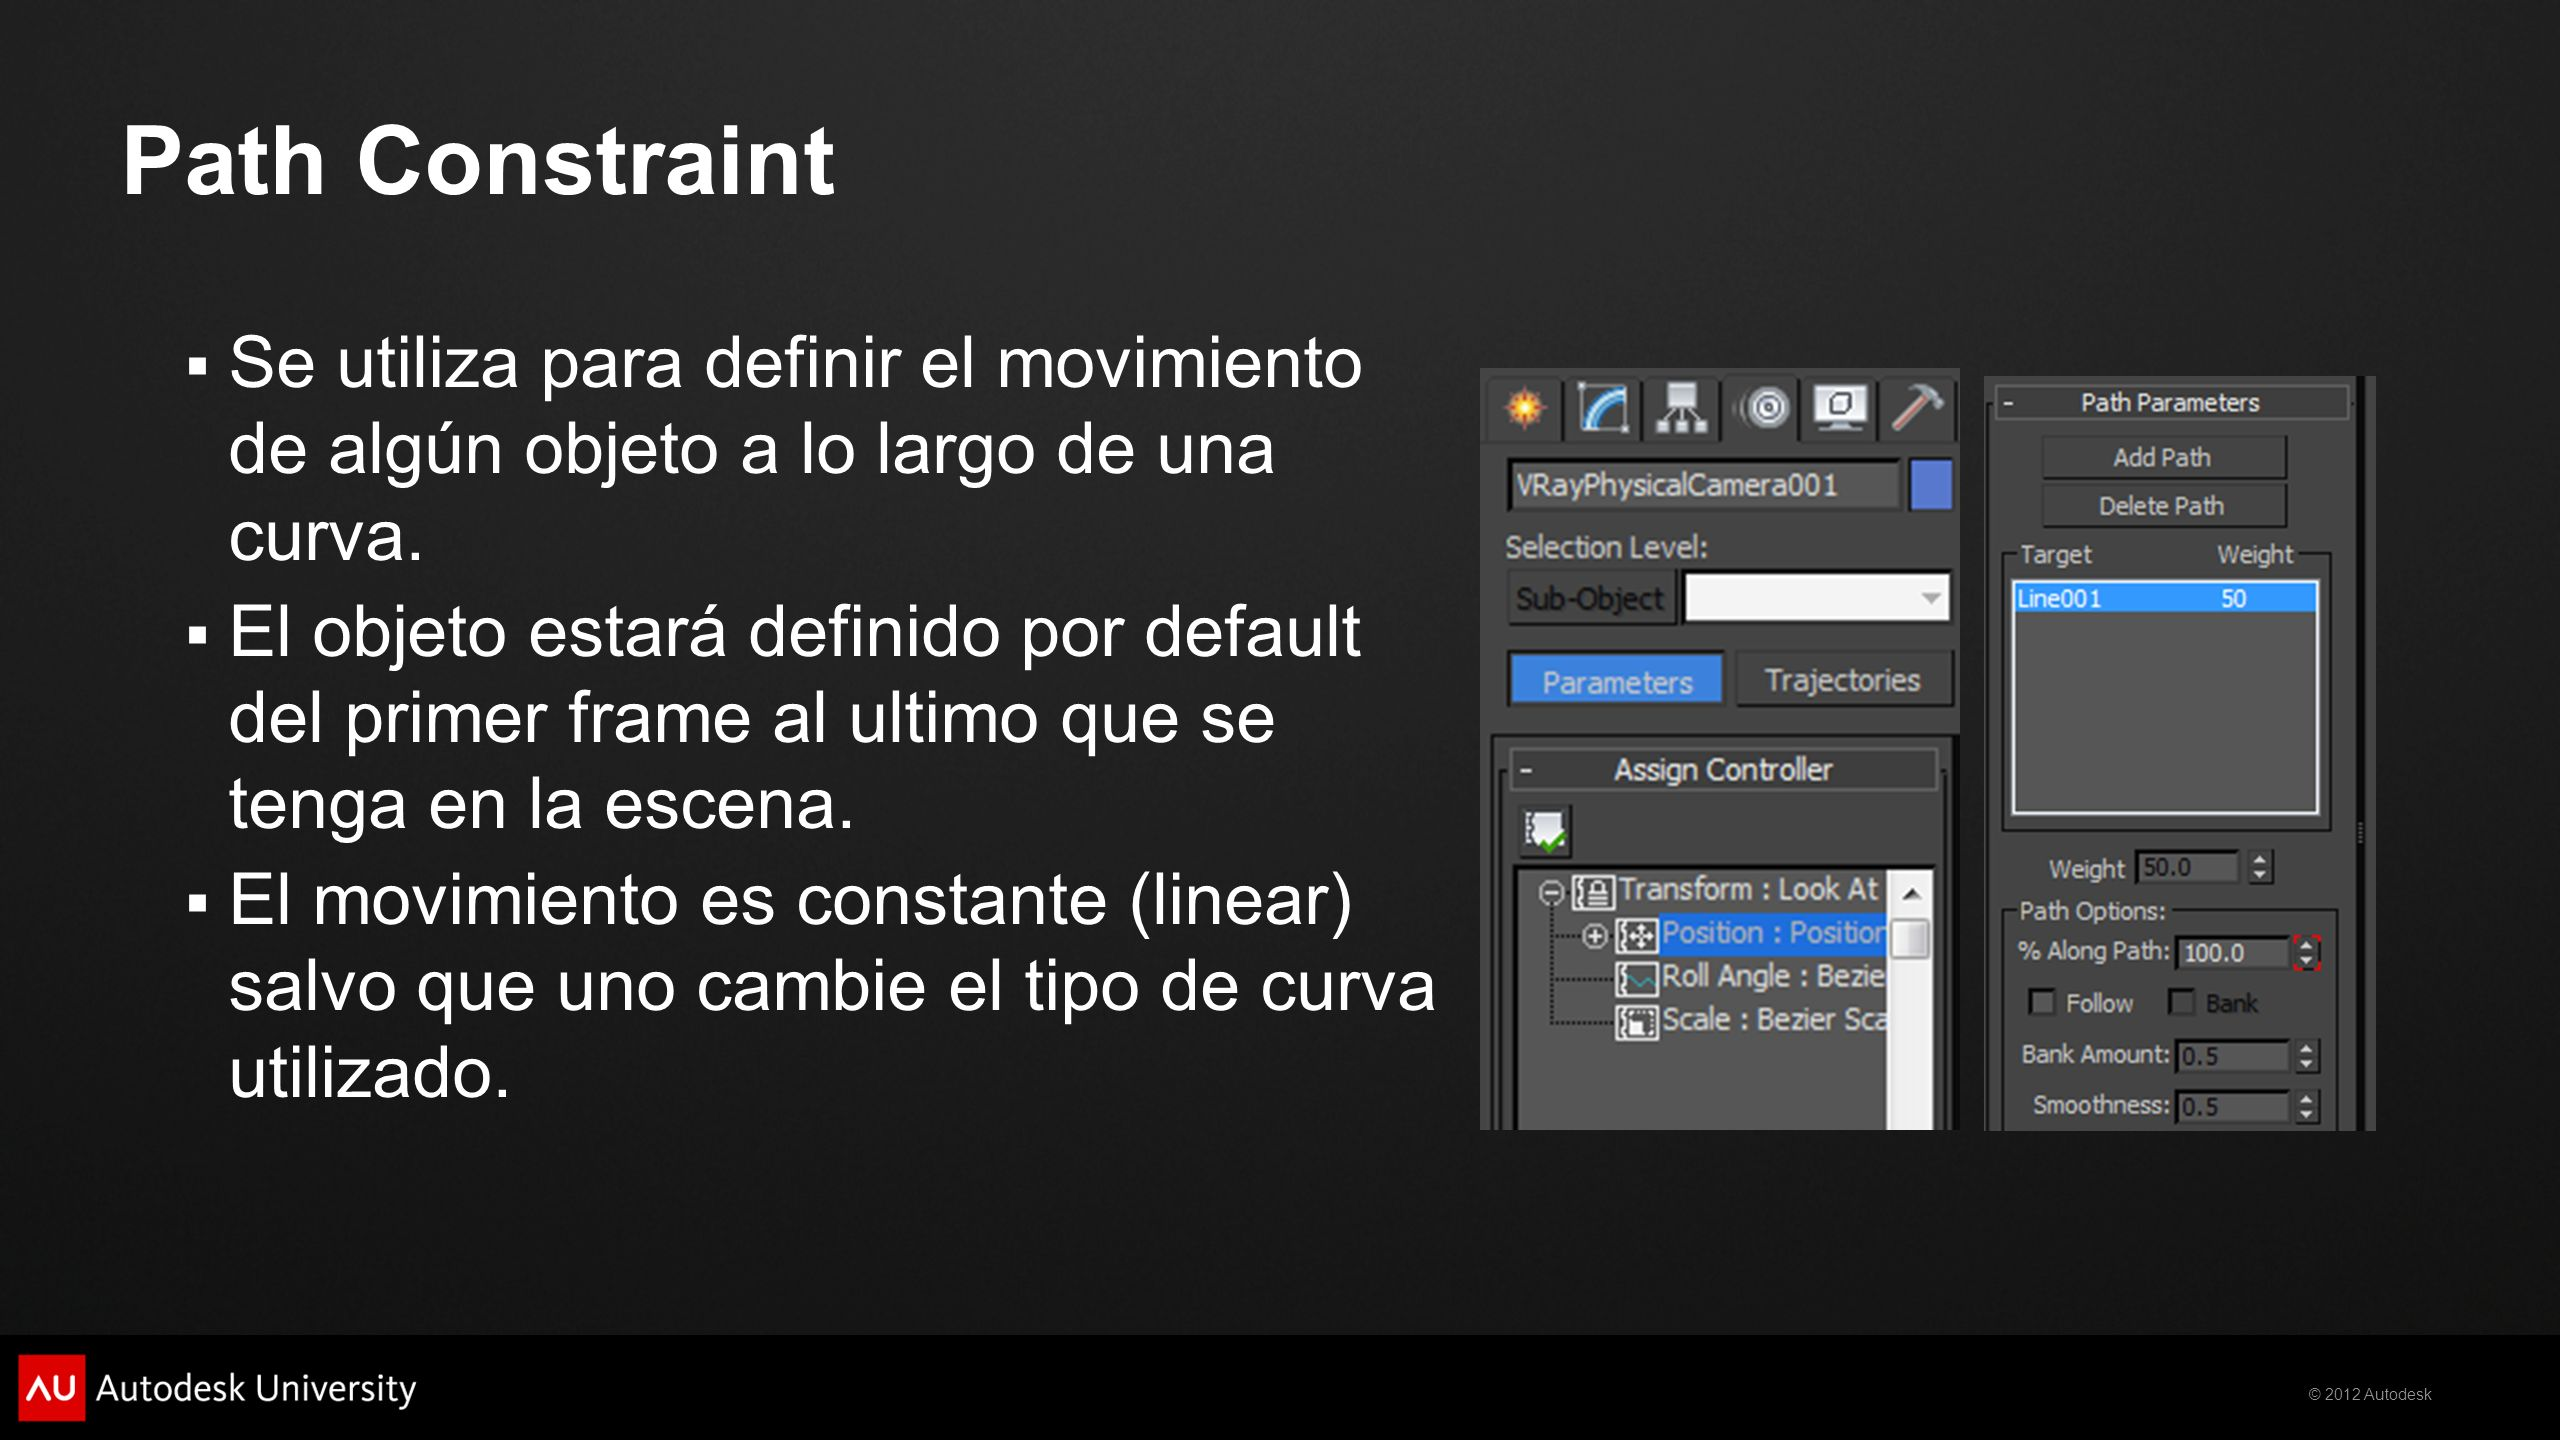 Path ConstraintSe utiliza para definir el movimiento de algún objeto a lo largo de una curva.